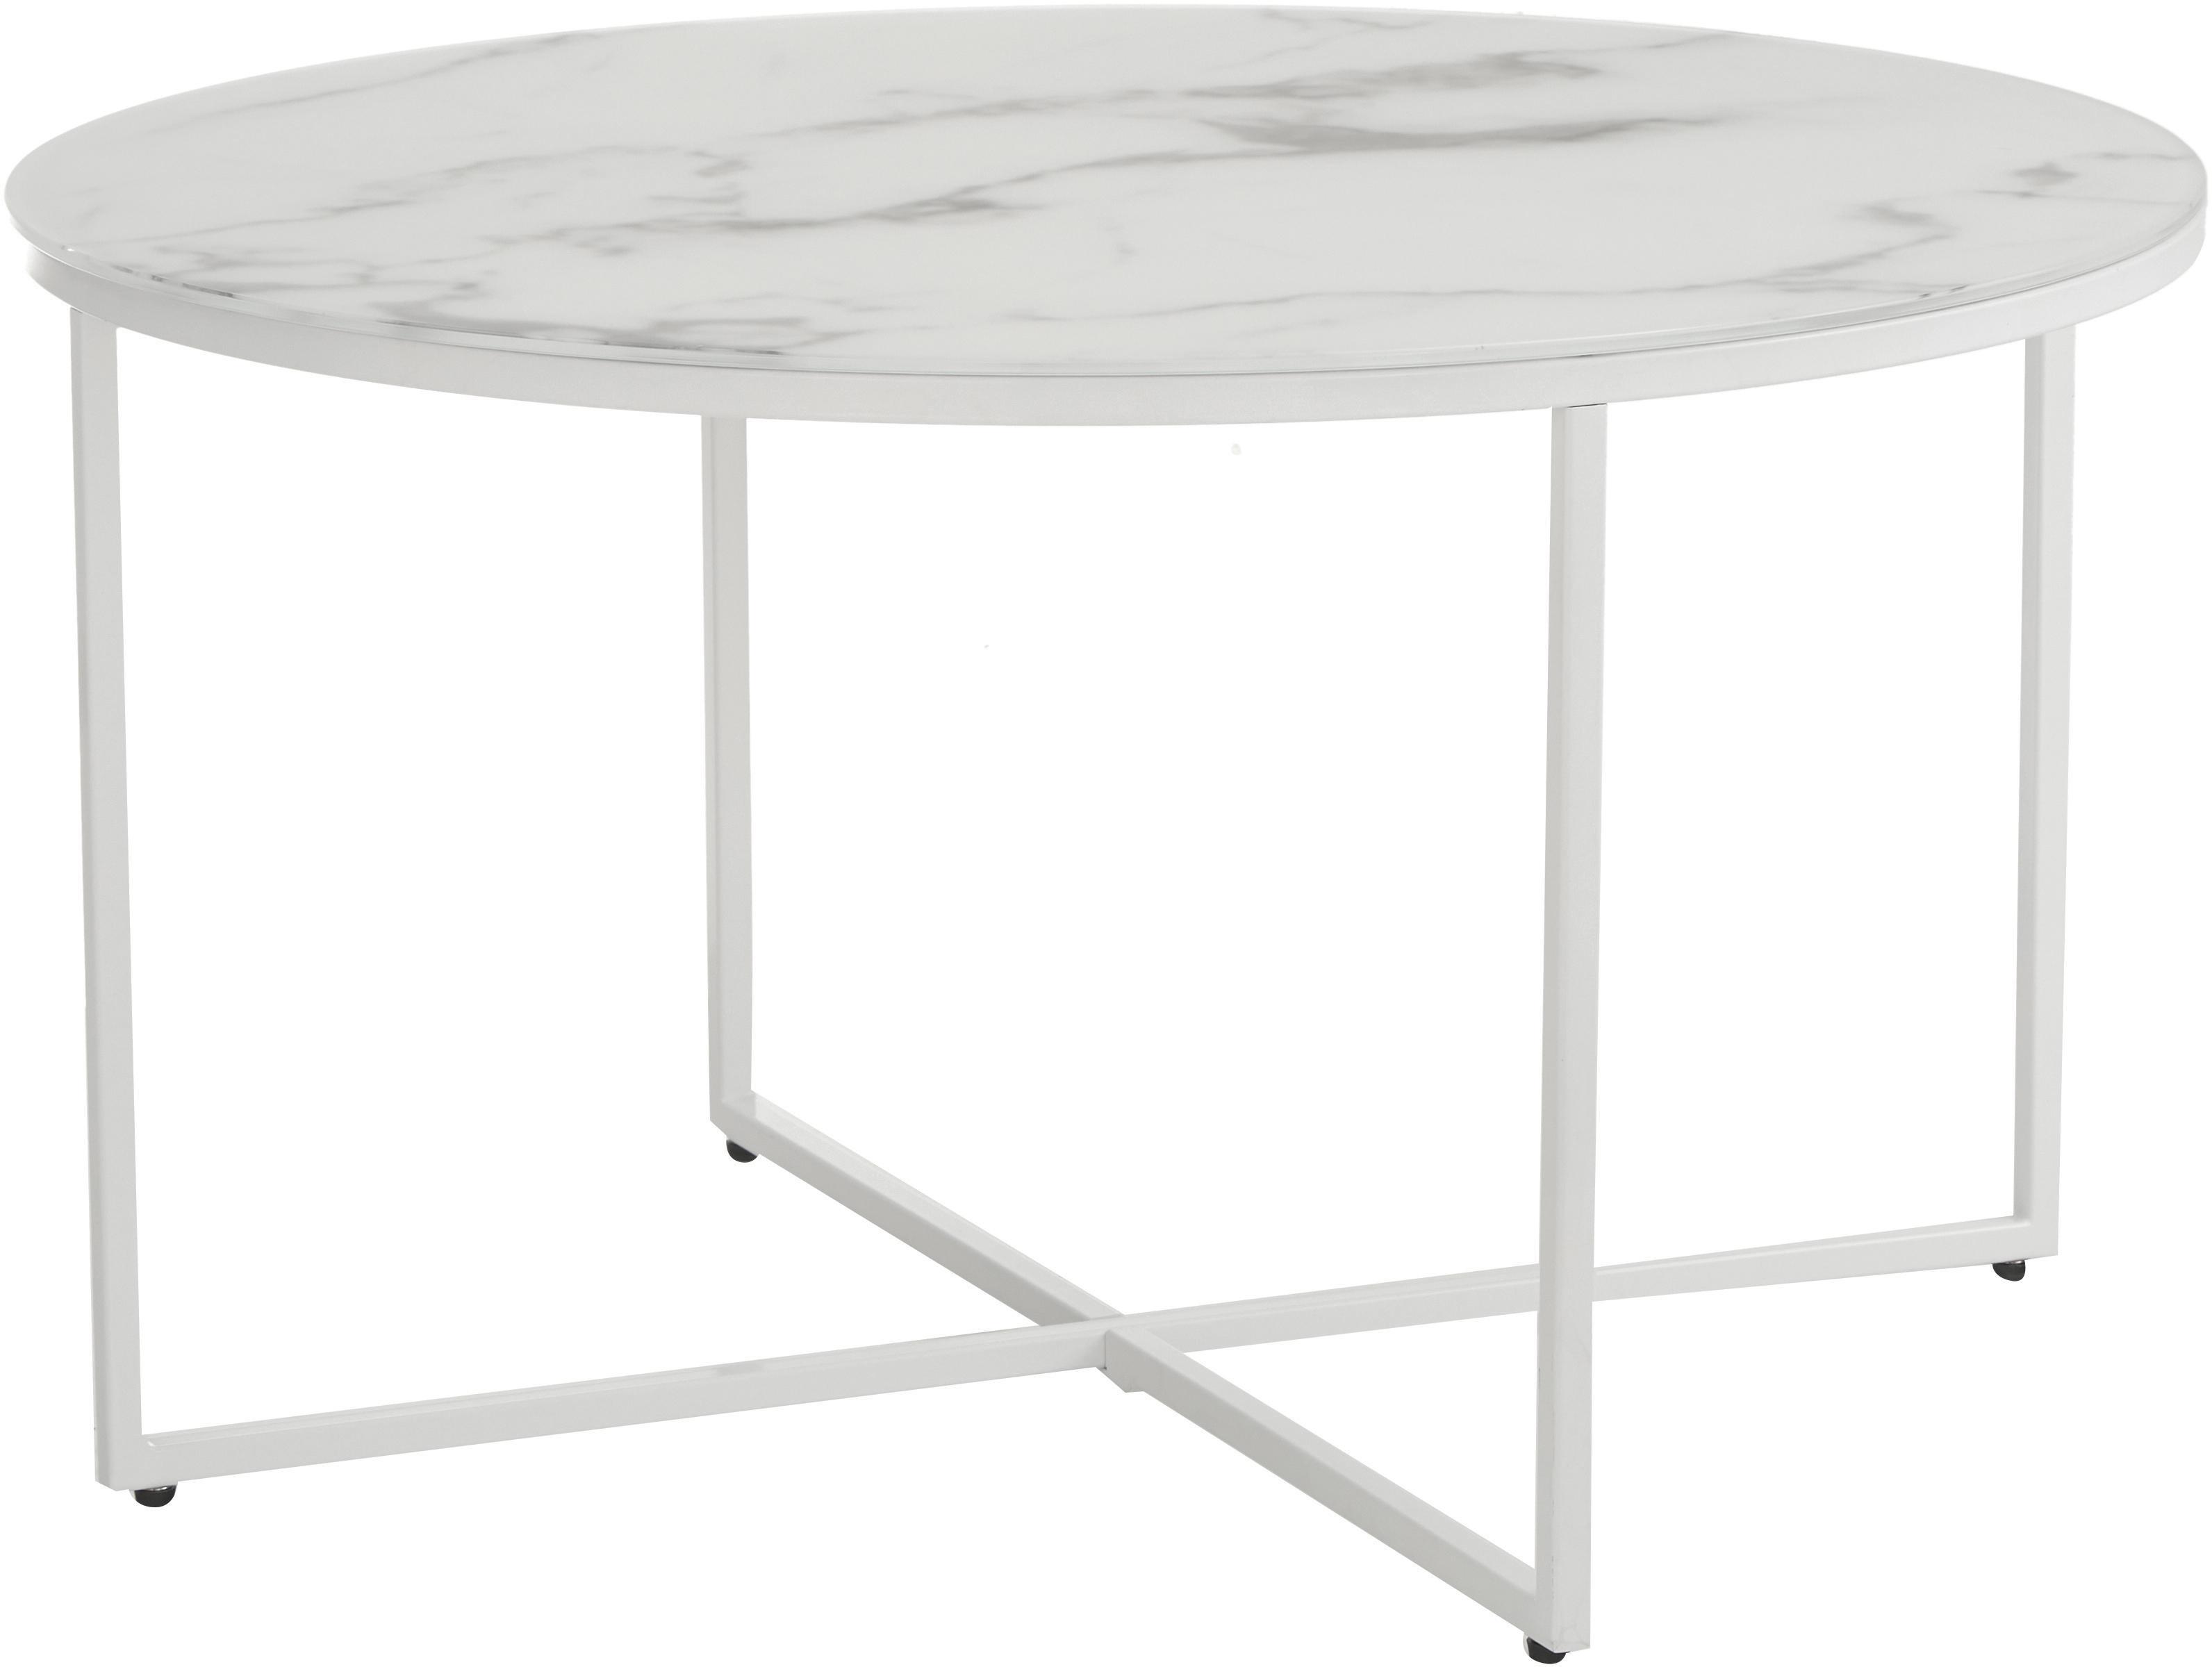 Couchtisch Antigua mit marmorierter Glasplatte, Tischplatte: Glas, matt bedruckt, Gestell: Stahl, pulverbeschichtet, Weiß-grau marmoriert, Weiß, Ø 80 x H 45 cm